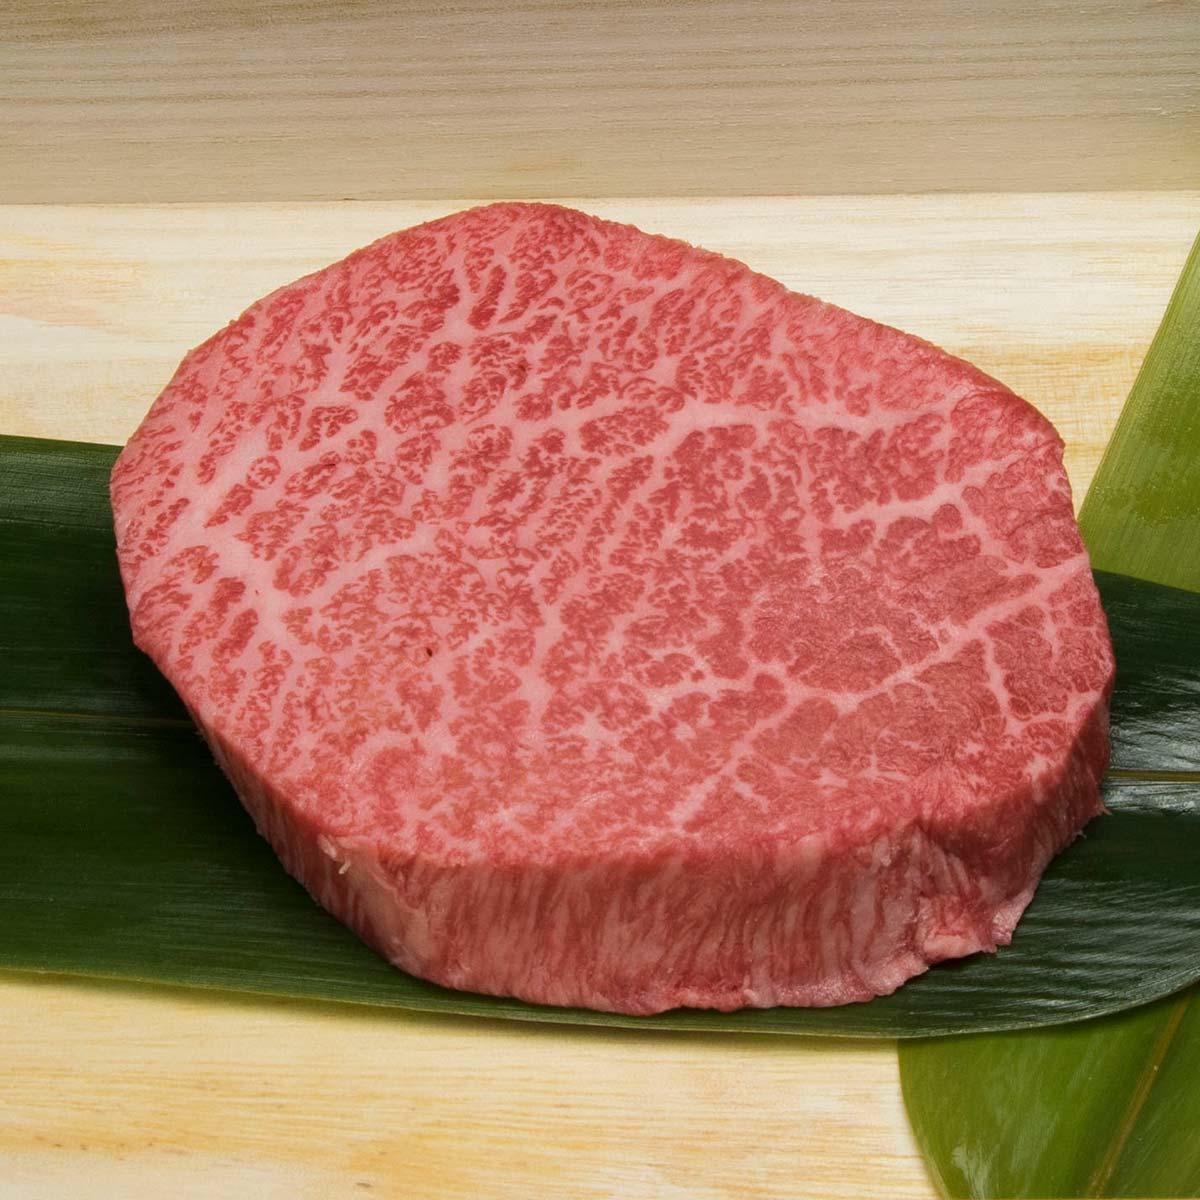 松阪牛赤身ステーキ食べ比べセット3部位